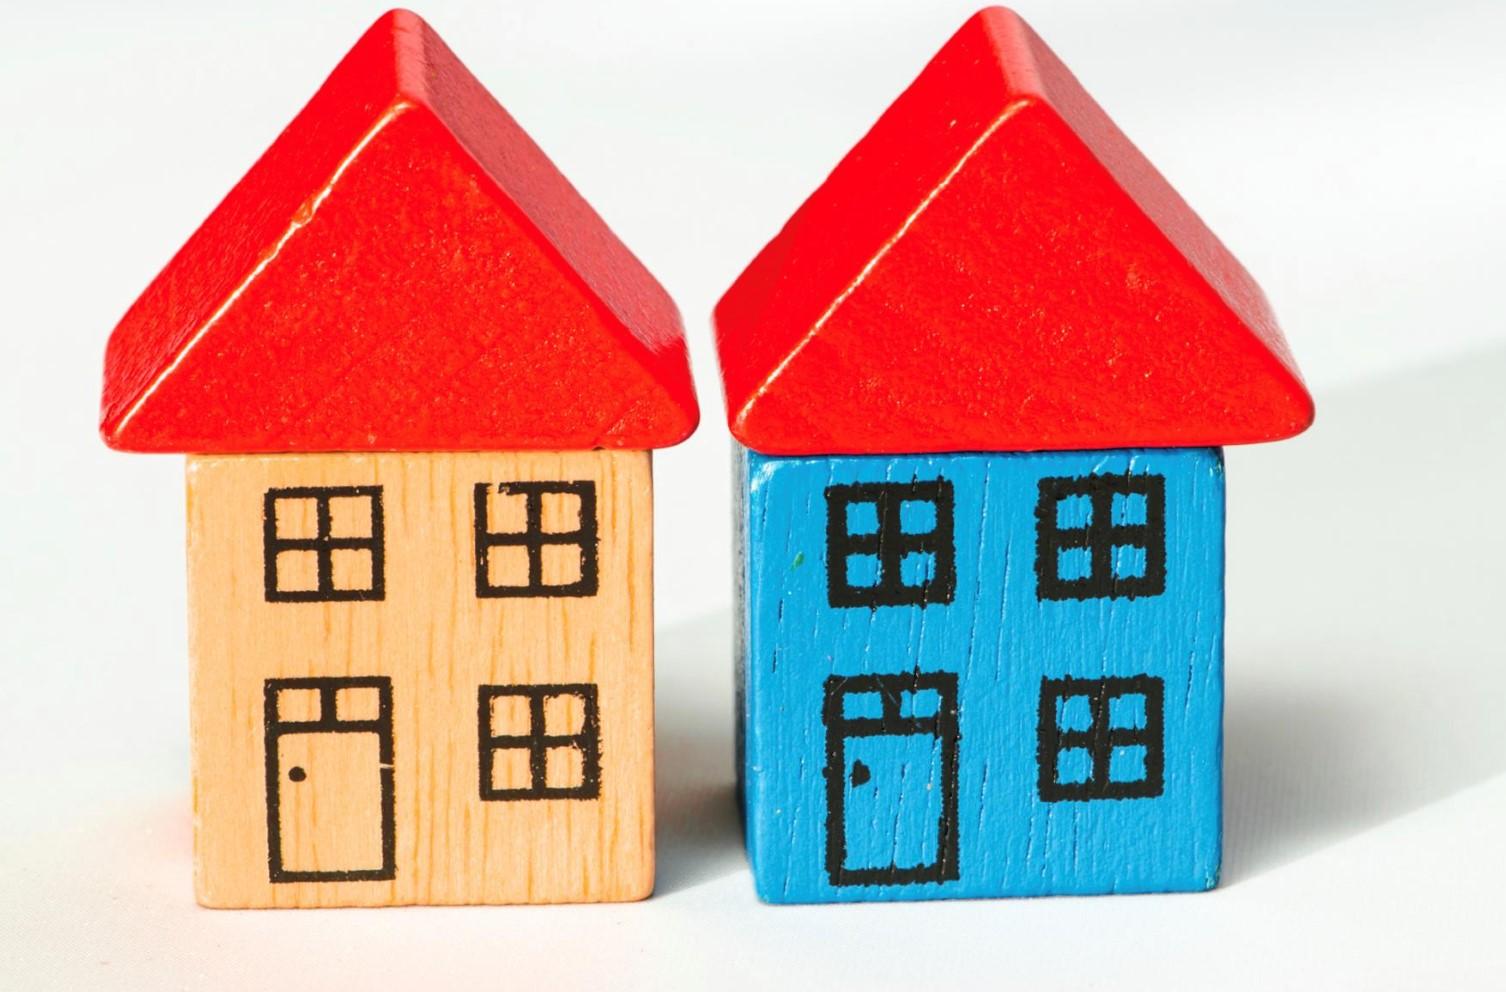 NHG grens en leengrens stijgen voor hypotheken